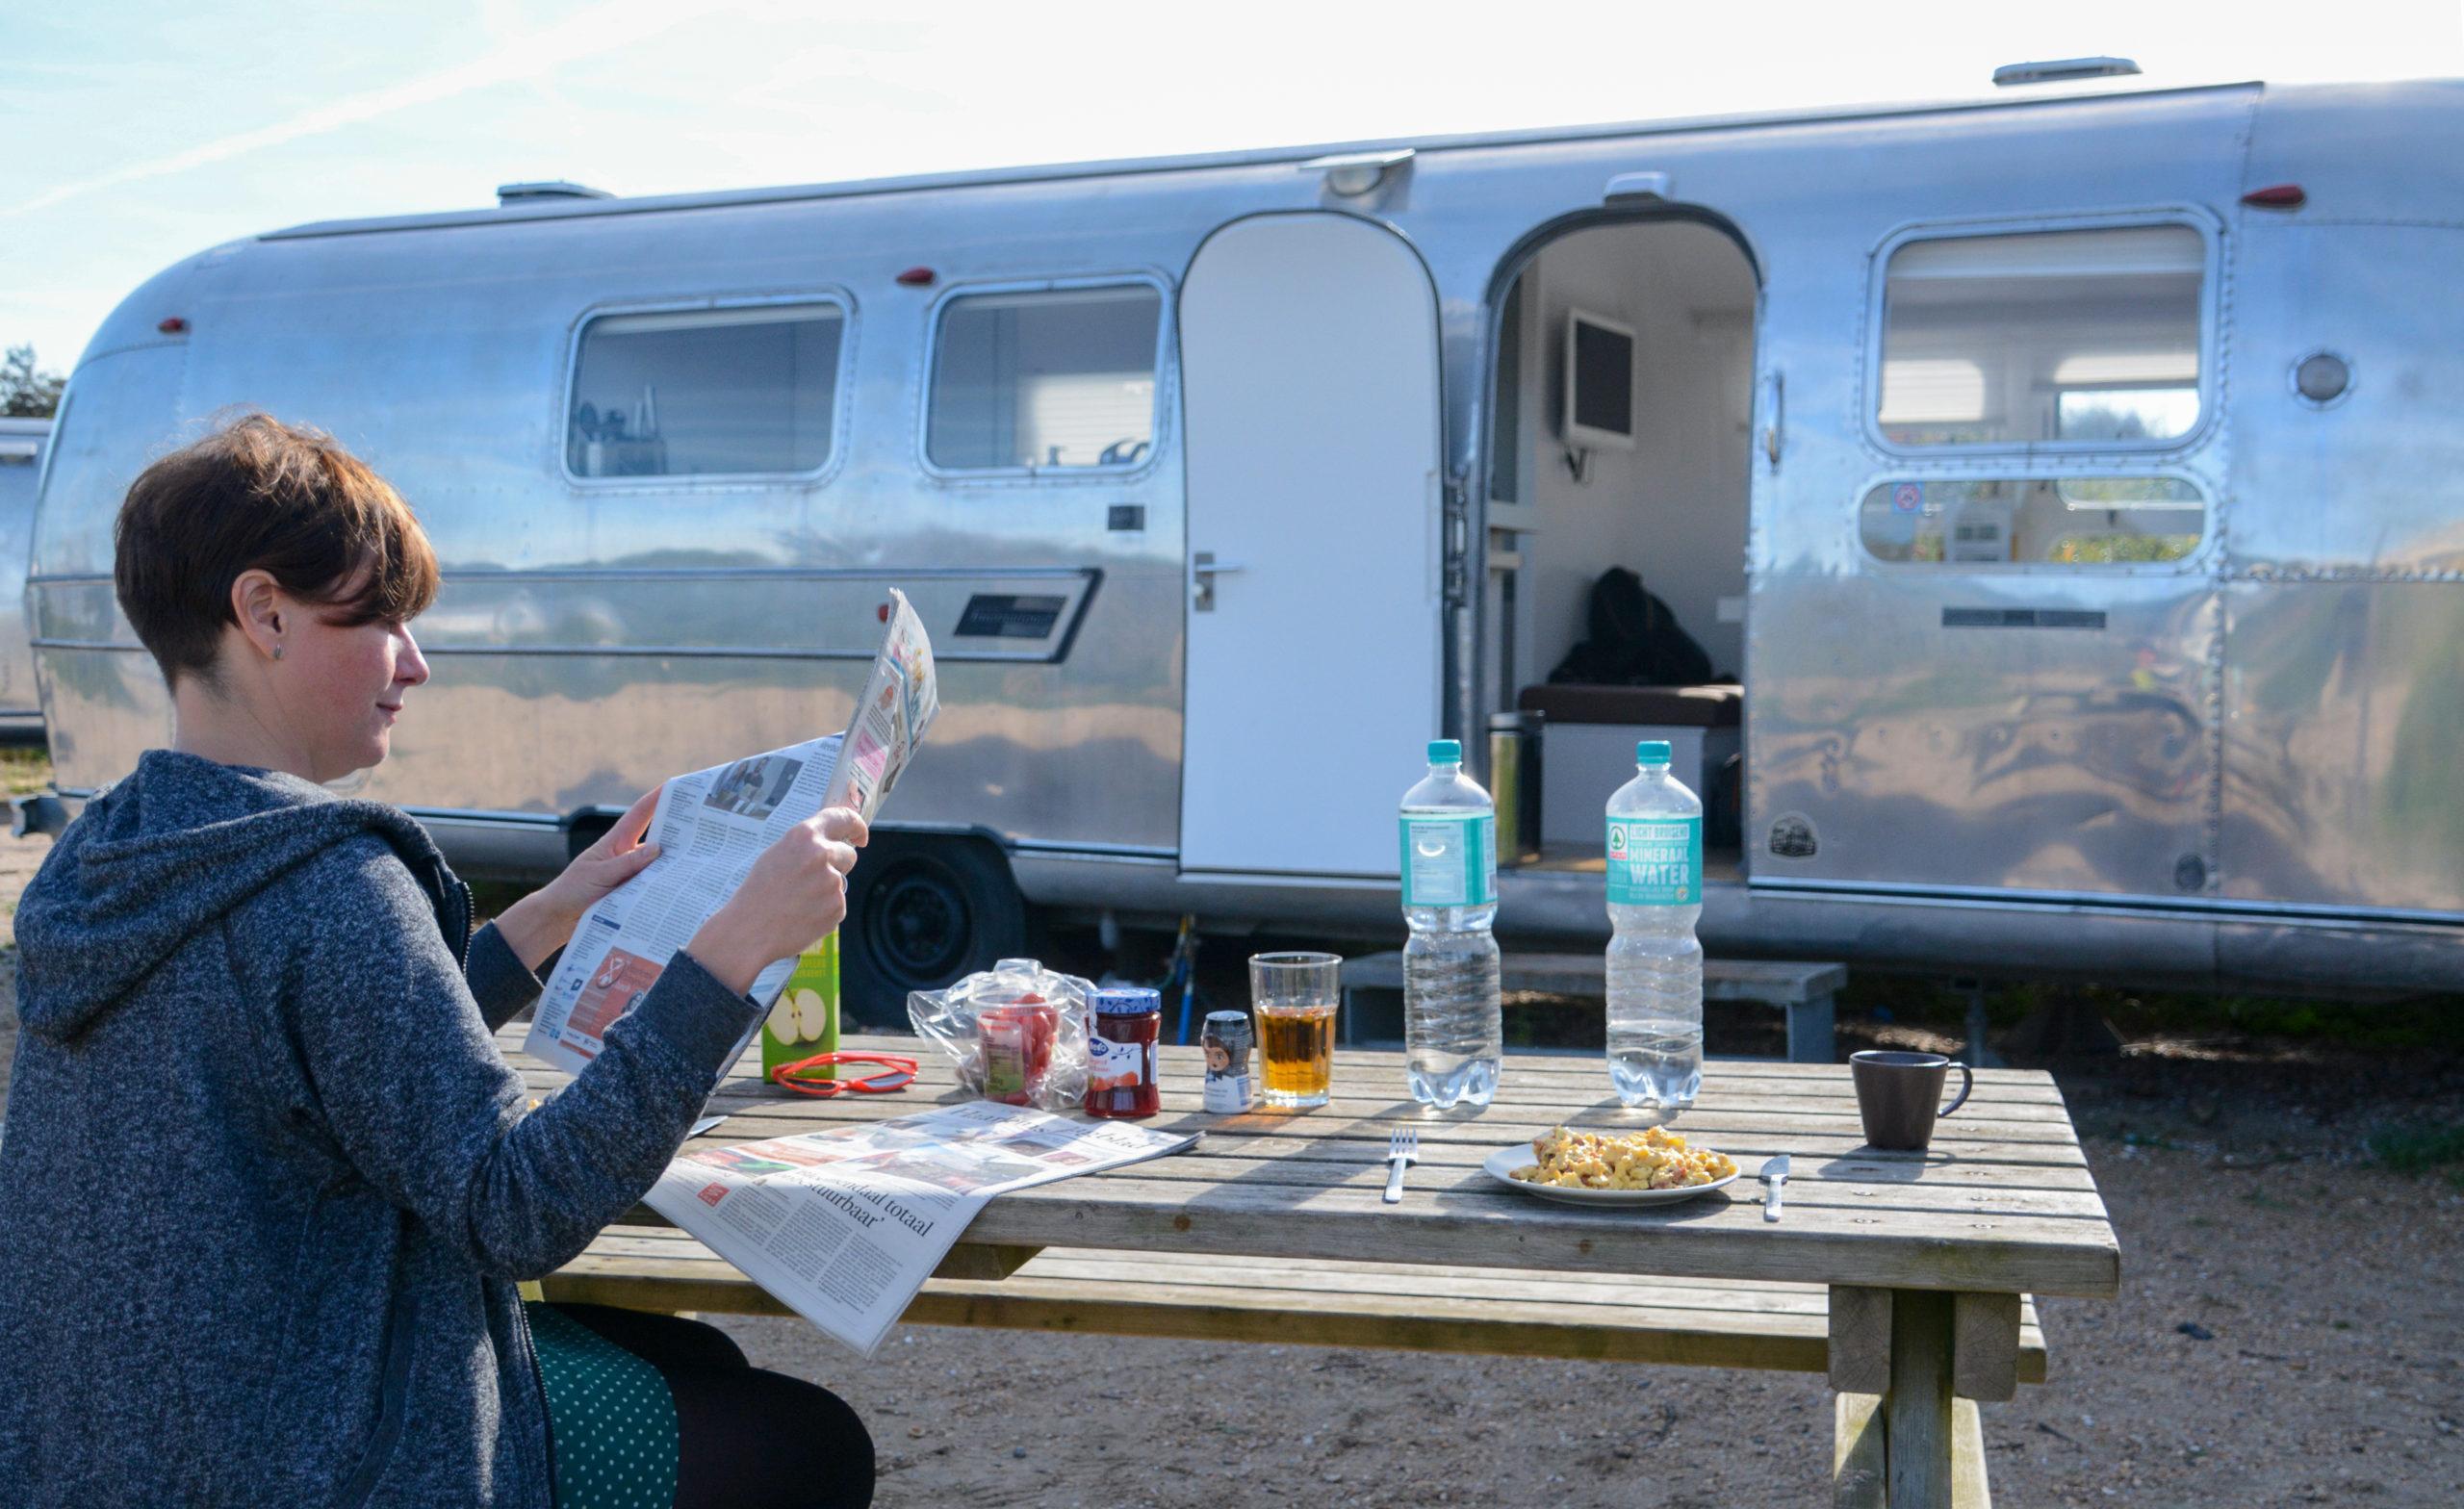 Frühstück mit Blick auf den Airstream auf dem Campingplatz de Lakens beim Nationalpark Zuid-Kennemerland